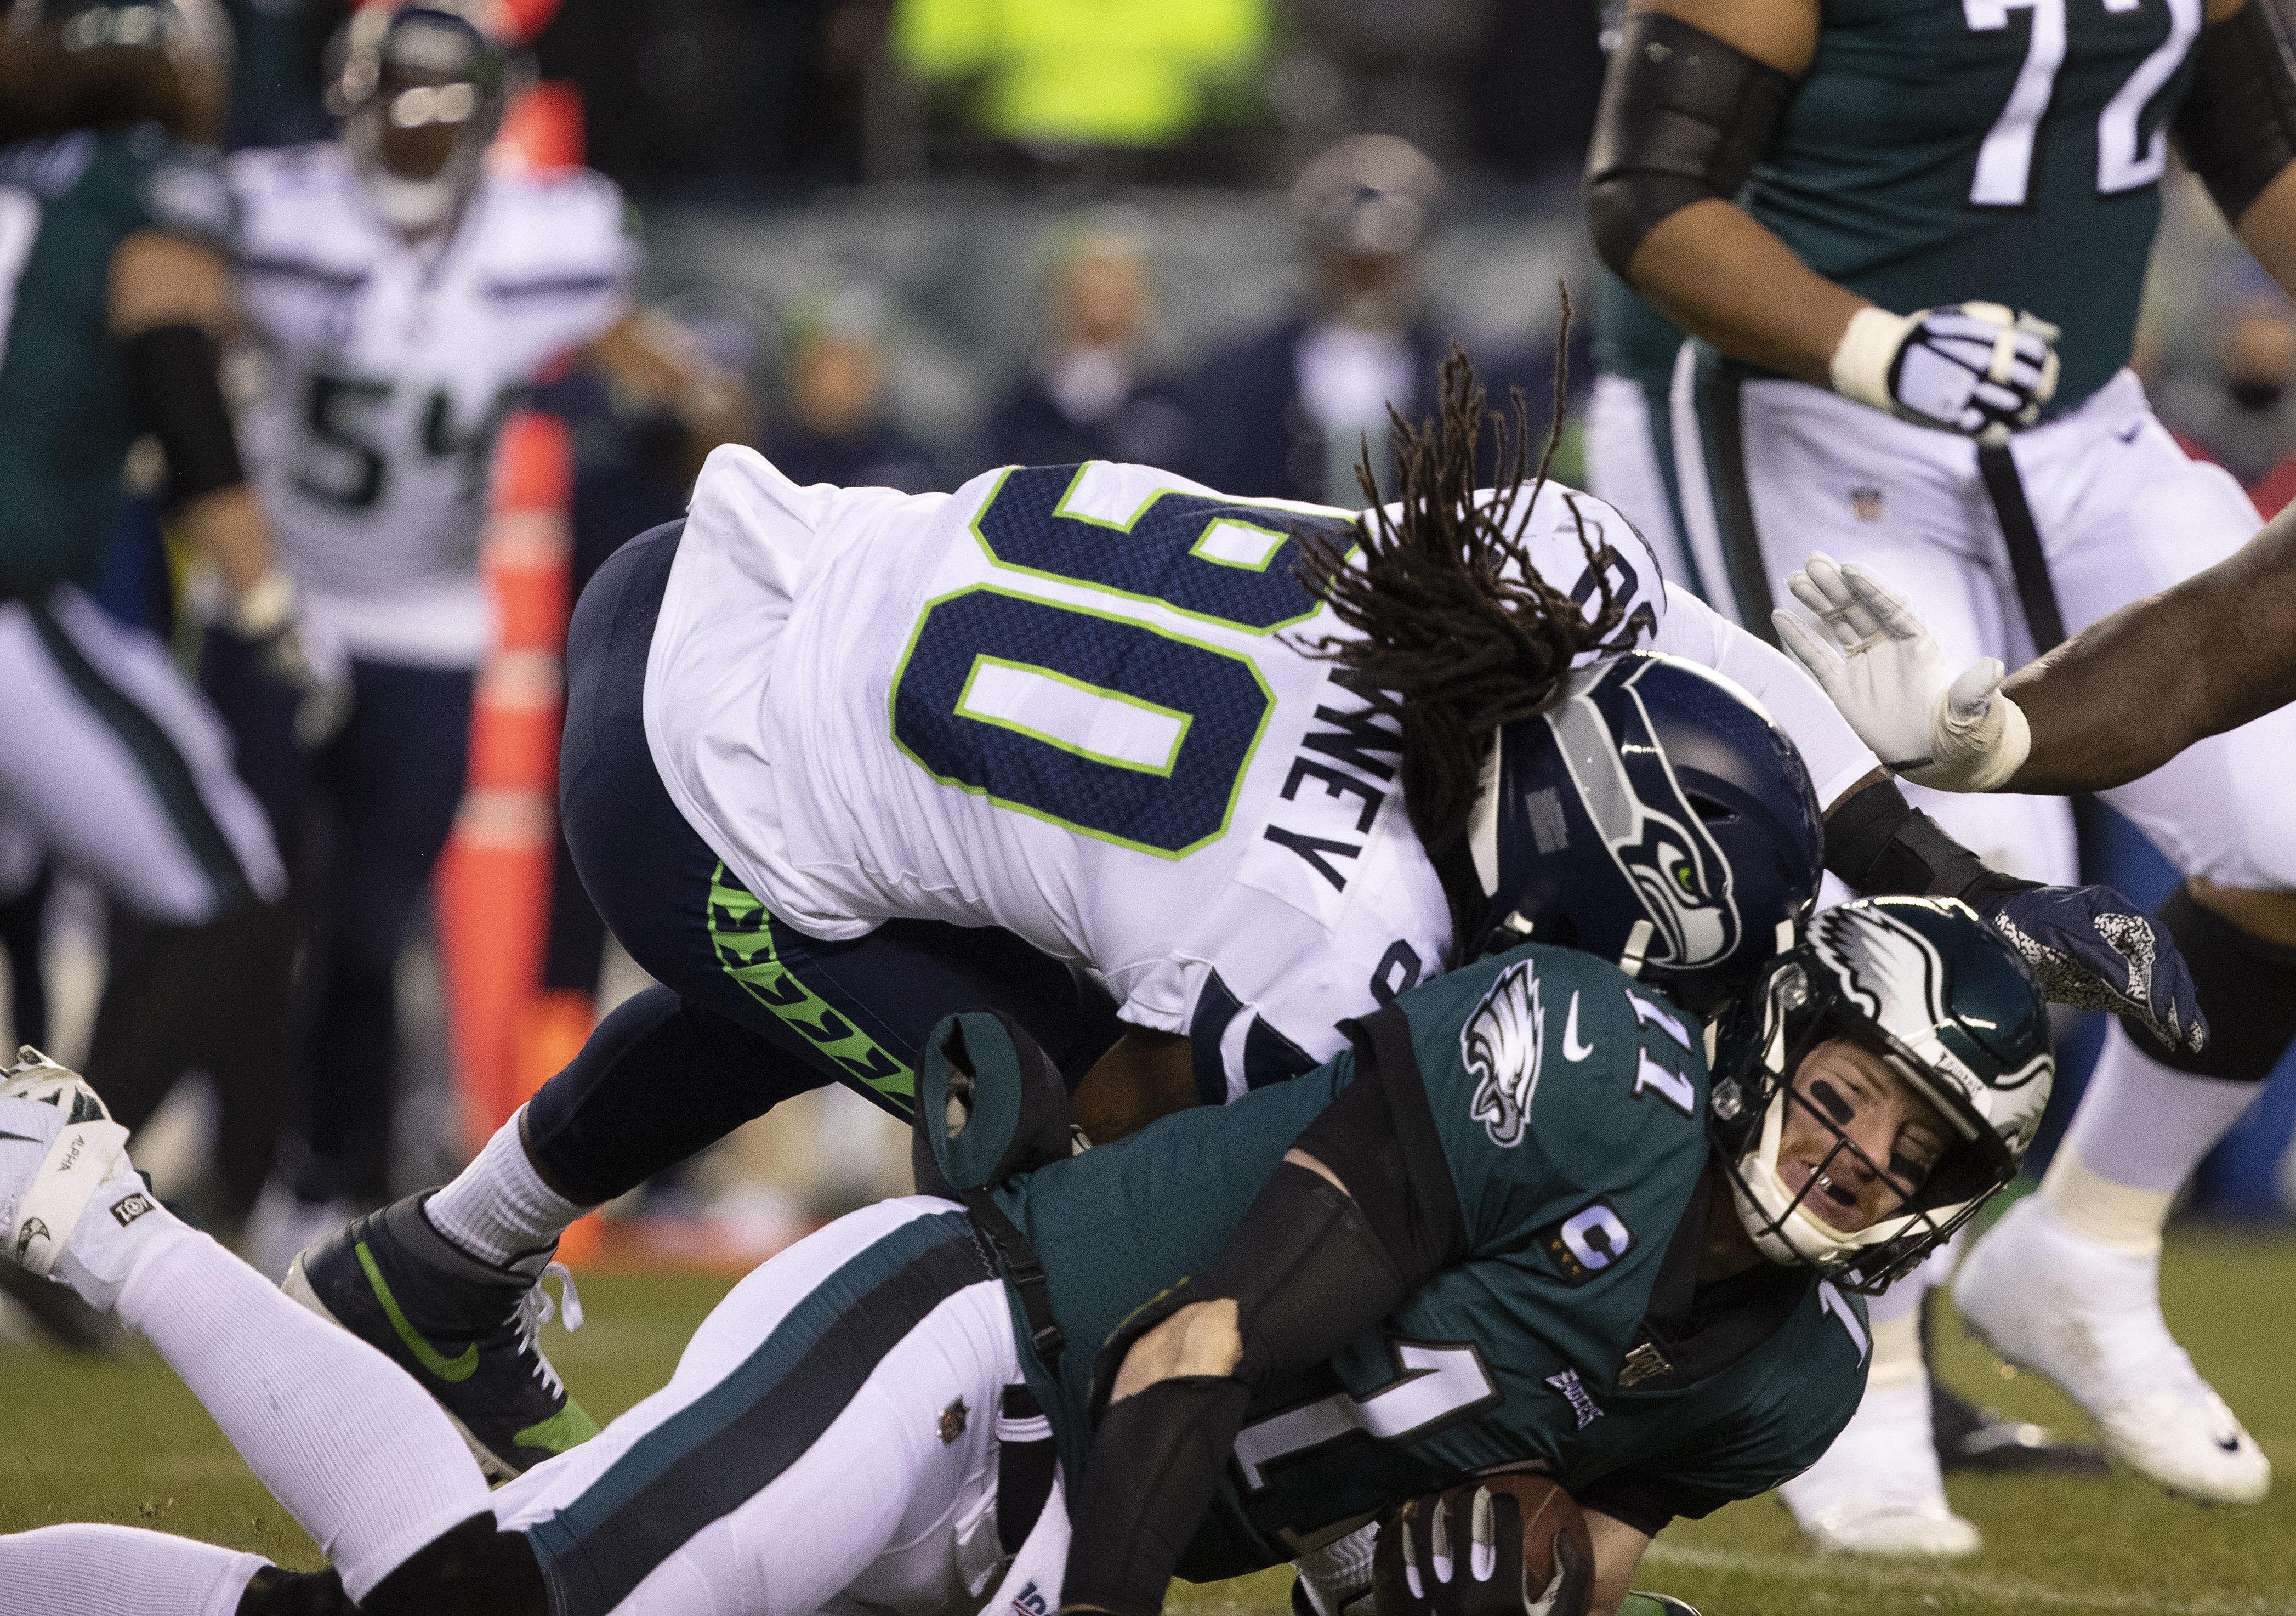 Jadeveon Clowney Ruling Sets Bad Precedent for NFL